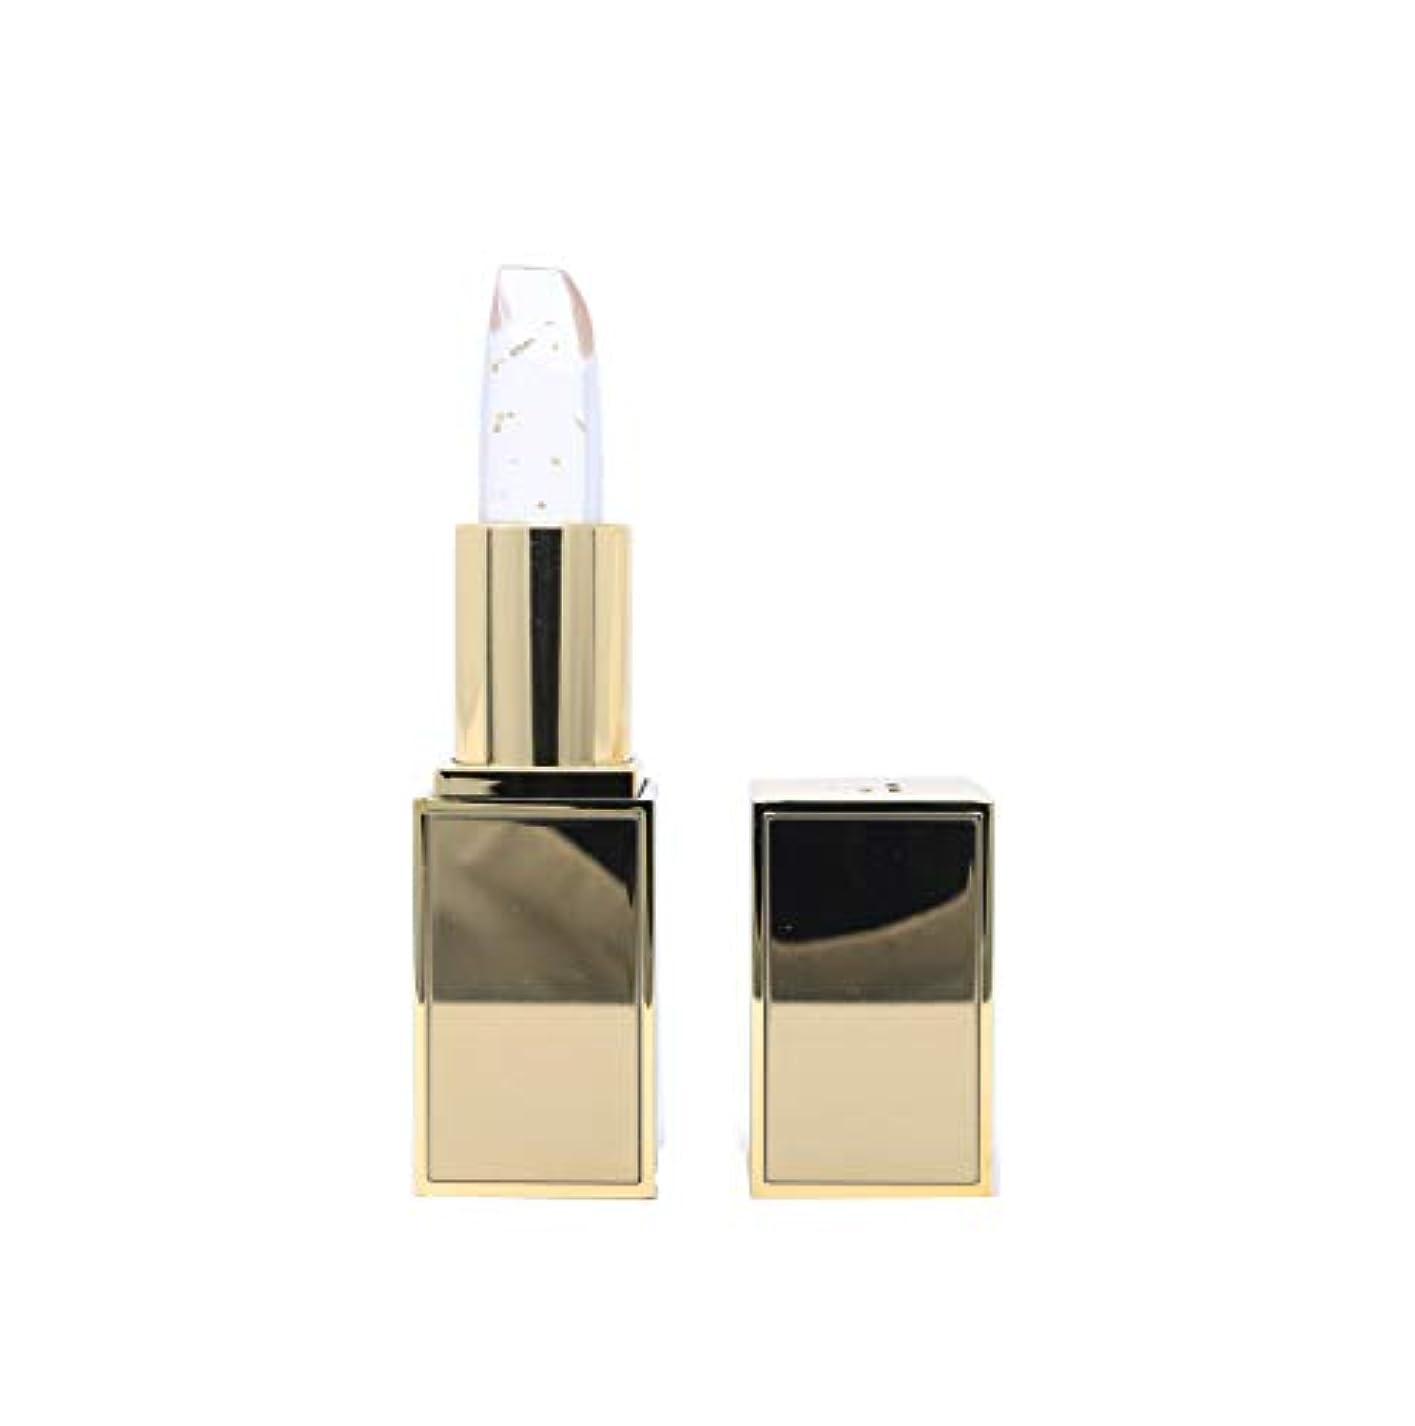 グリル回復するメーカーTOM FORD(トム フォード) ゴールド リップ ブラッシュ Lip Blush